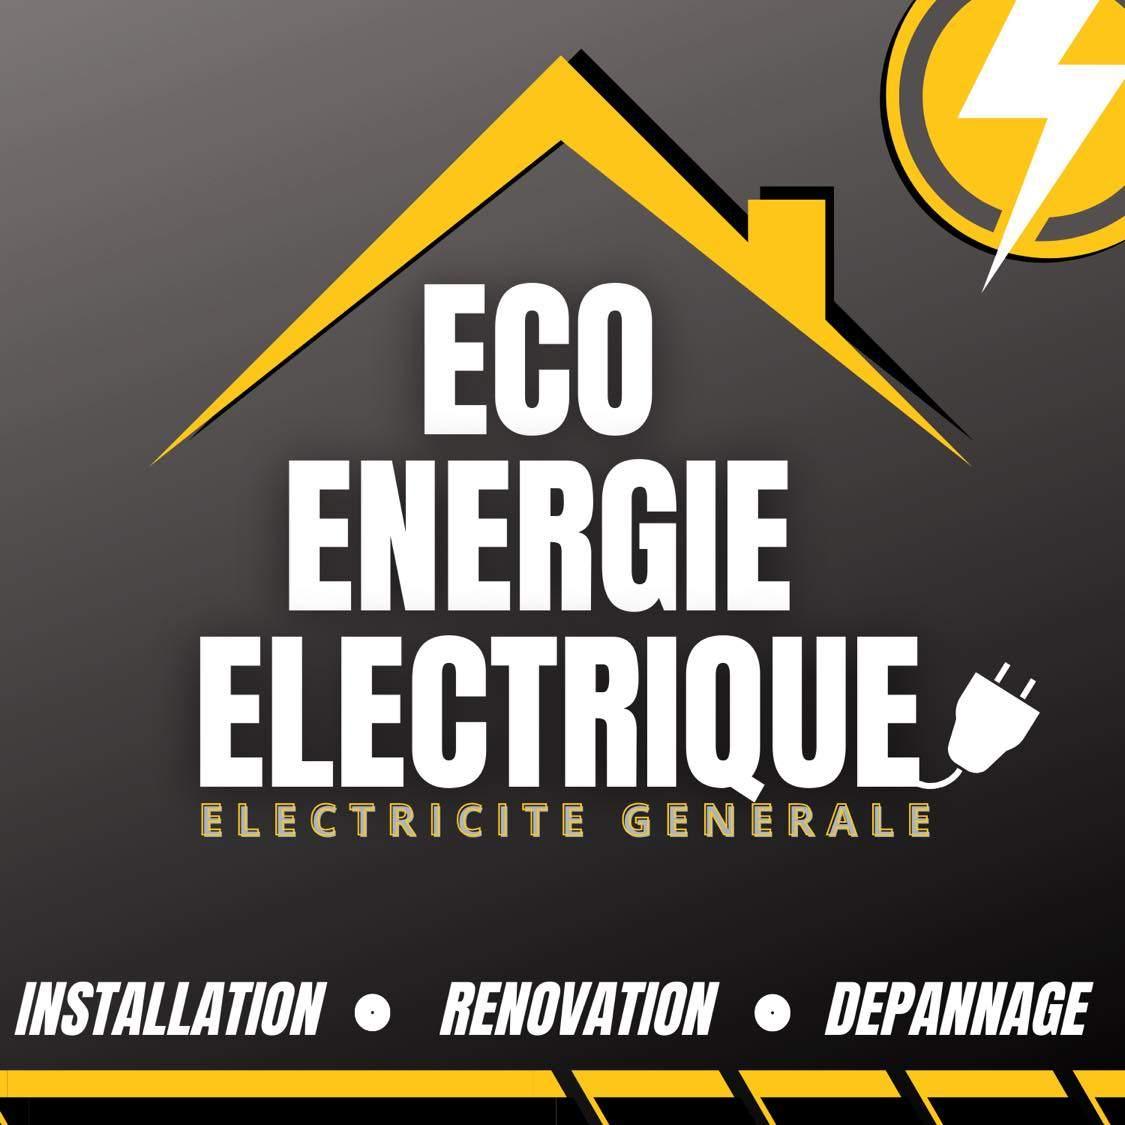 Logo ECO ENERGIE ELECTRIQUE installation de système de chauffage électrique Angers 49100